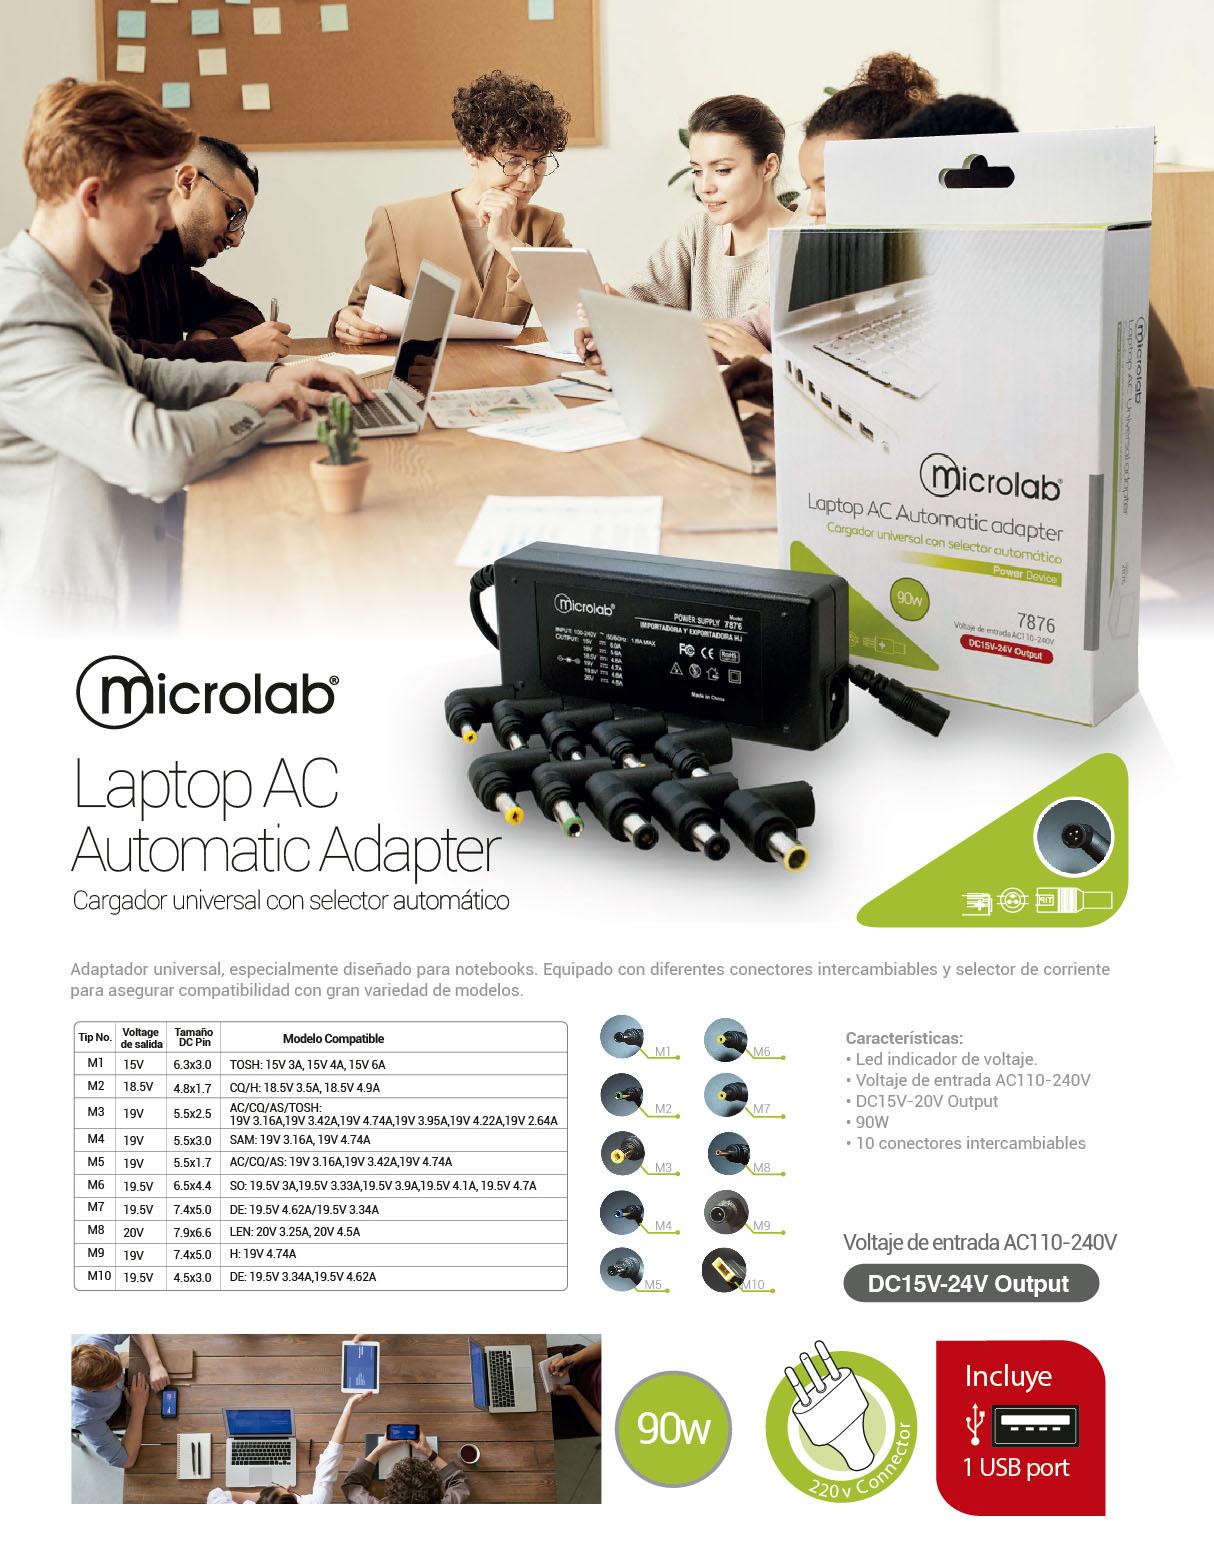 Cargador Universal Mlab 90W DC15V-20V Output para Notebook 1 150MIC07876